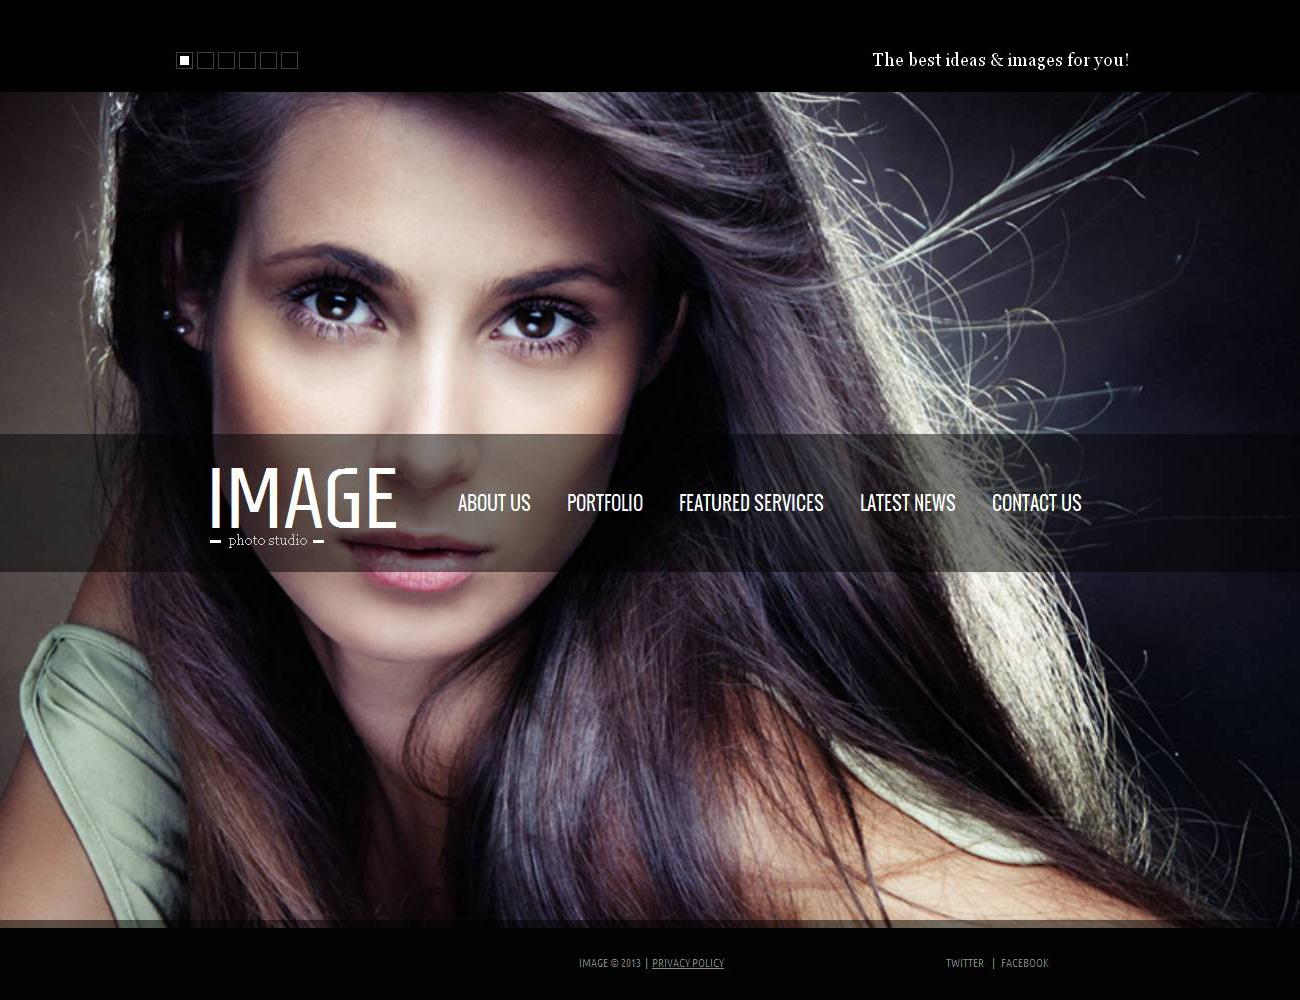 Шаблон фото галереи №44318 на тему фотостудия - скриншот